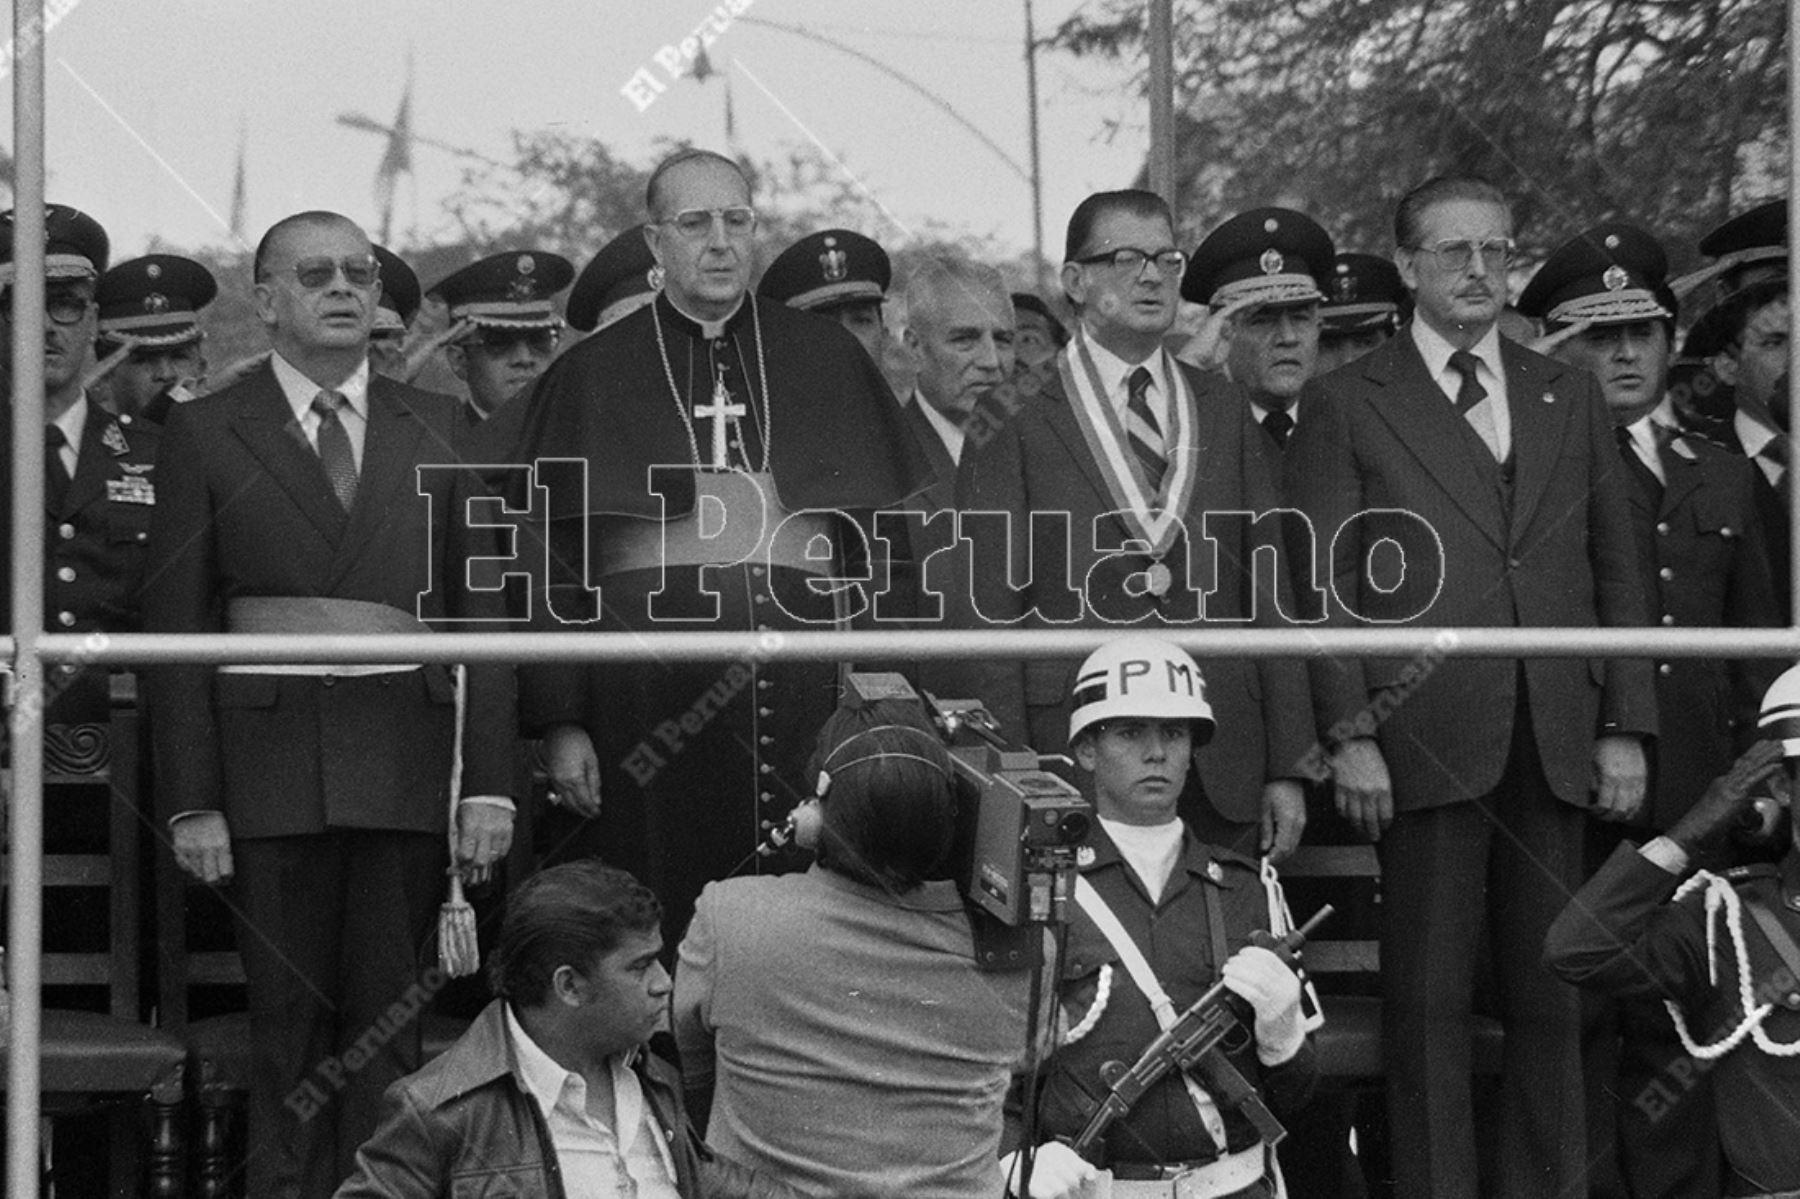 Lima - 29 julio 1981 / Javier Alva Orlandini en el estrado oficial del la Gran Parada Militar en su calidad de vicepresidente de la República. Foto: Archivo Histórico de El Peruano / Rómulo Luján